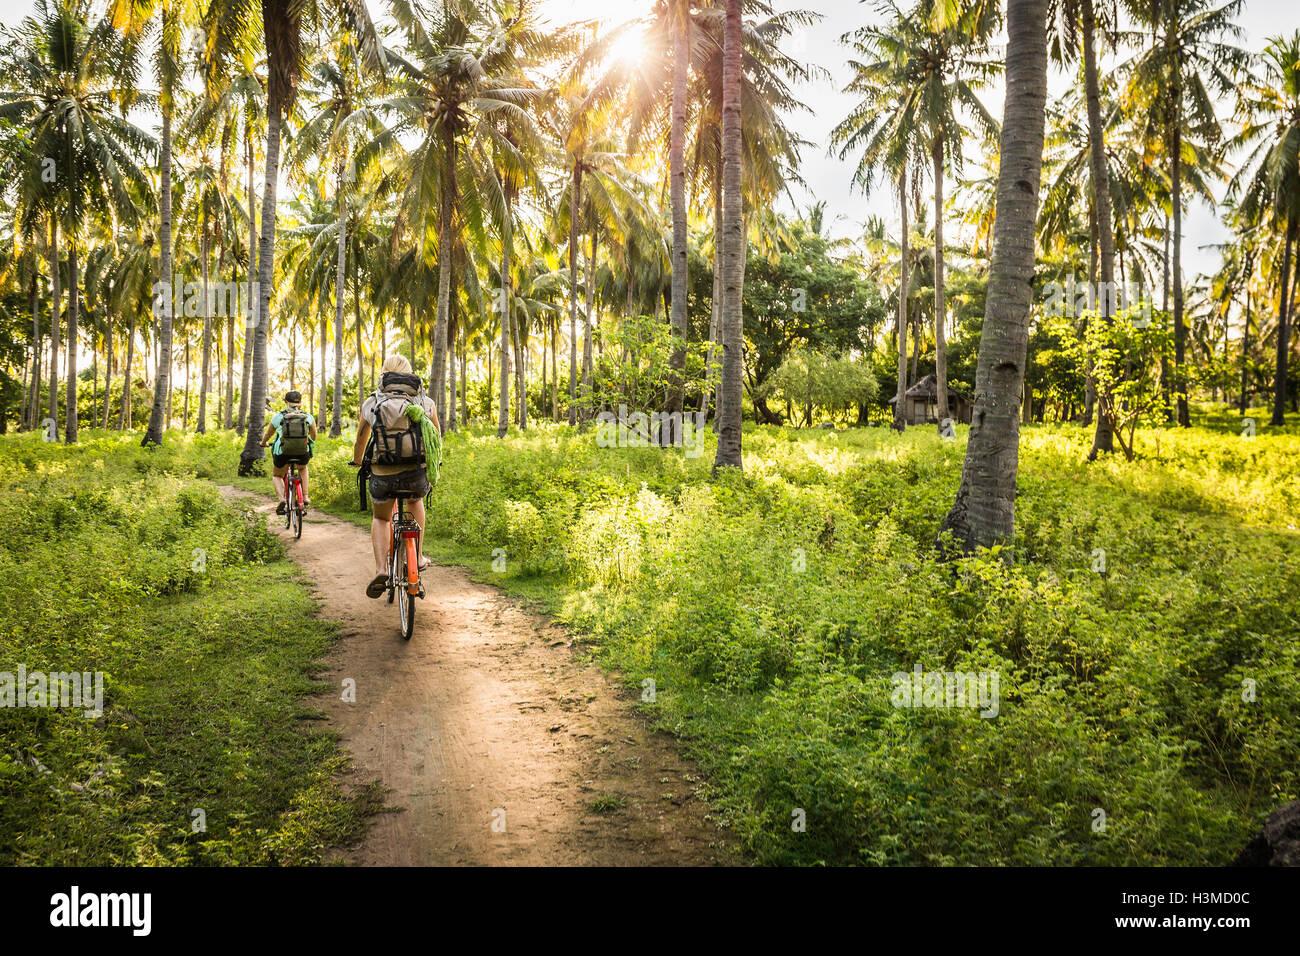 Vista posteriore di due giovani donne in bicicletta nel palm tree forest, Gili Meno, Lombok, Indonesia Immagini Stock